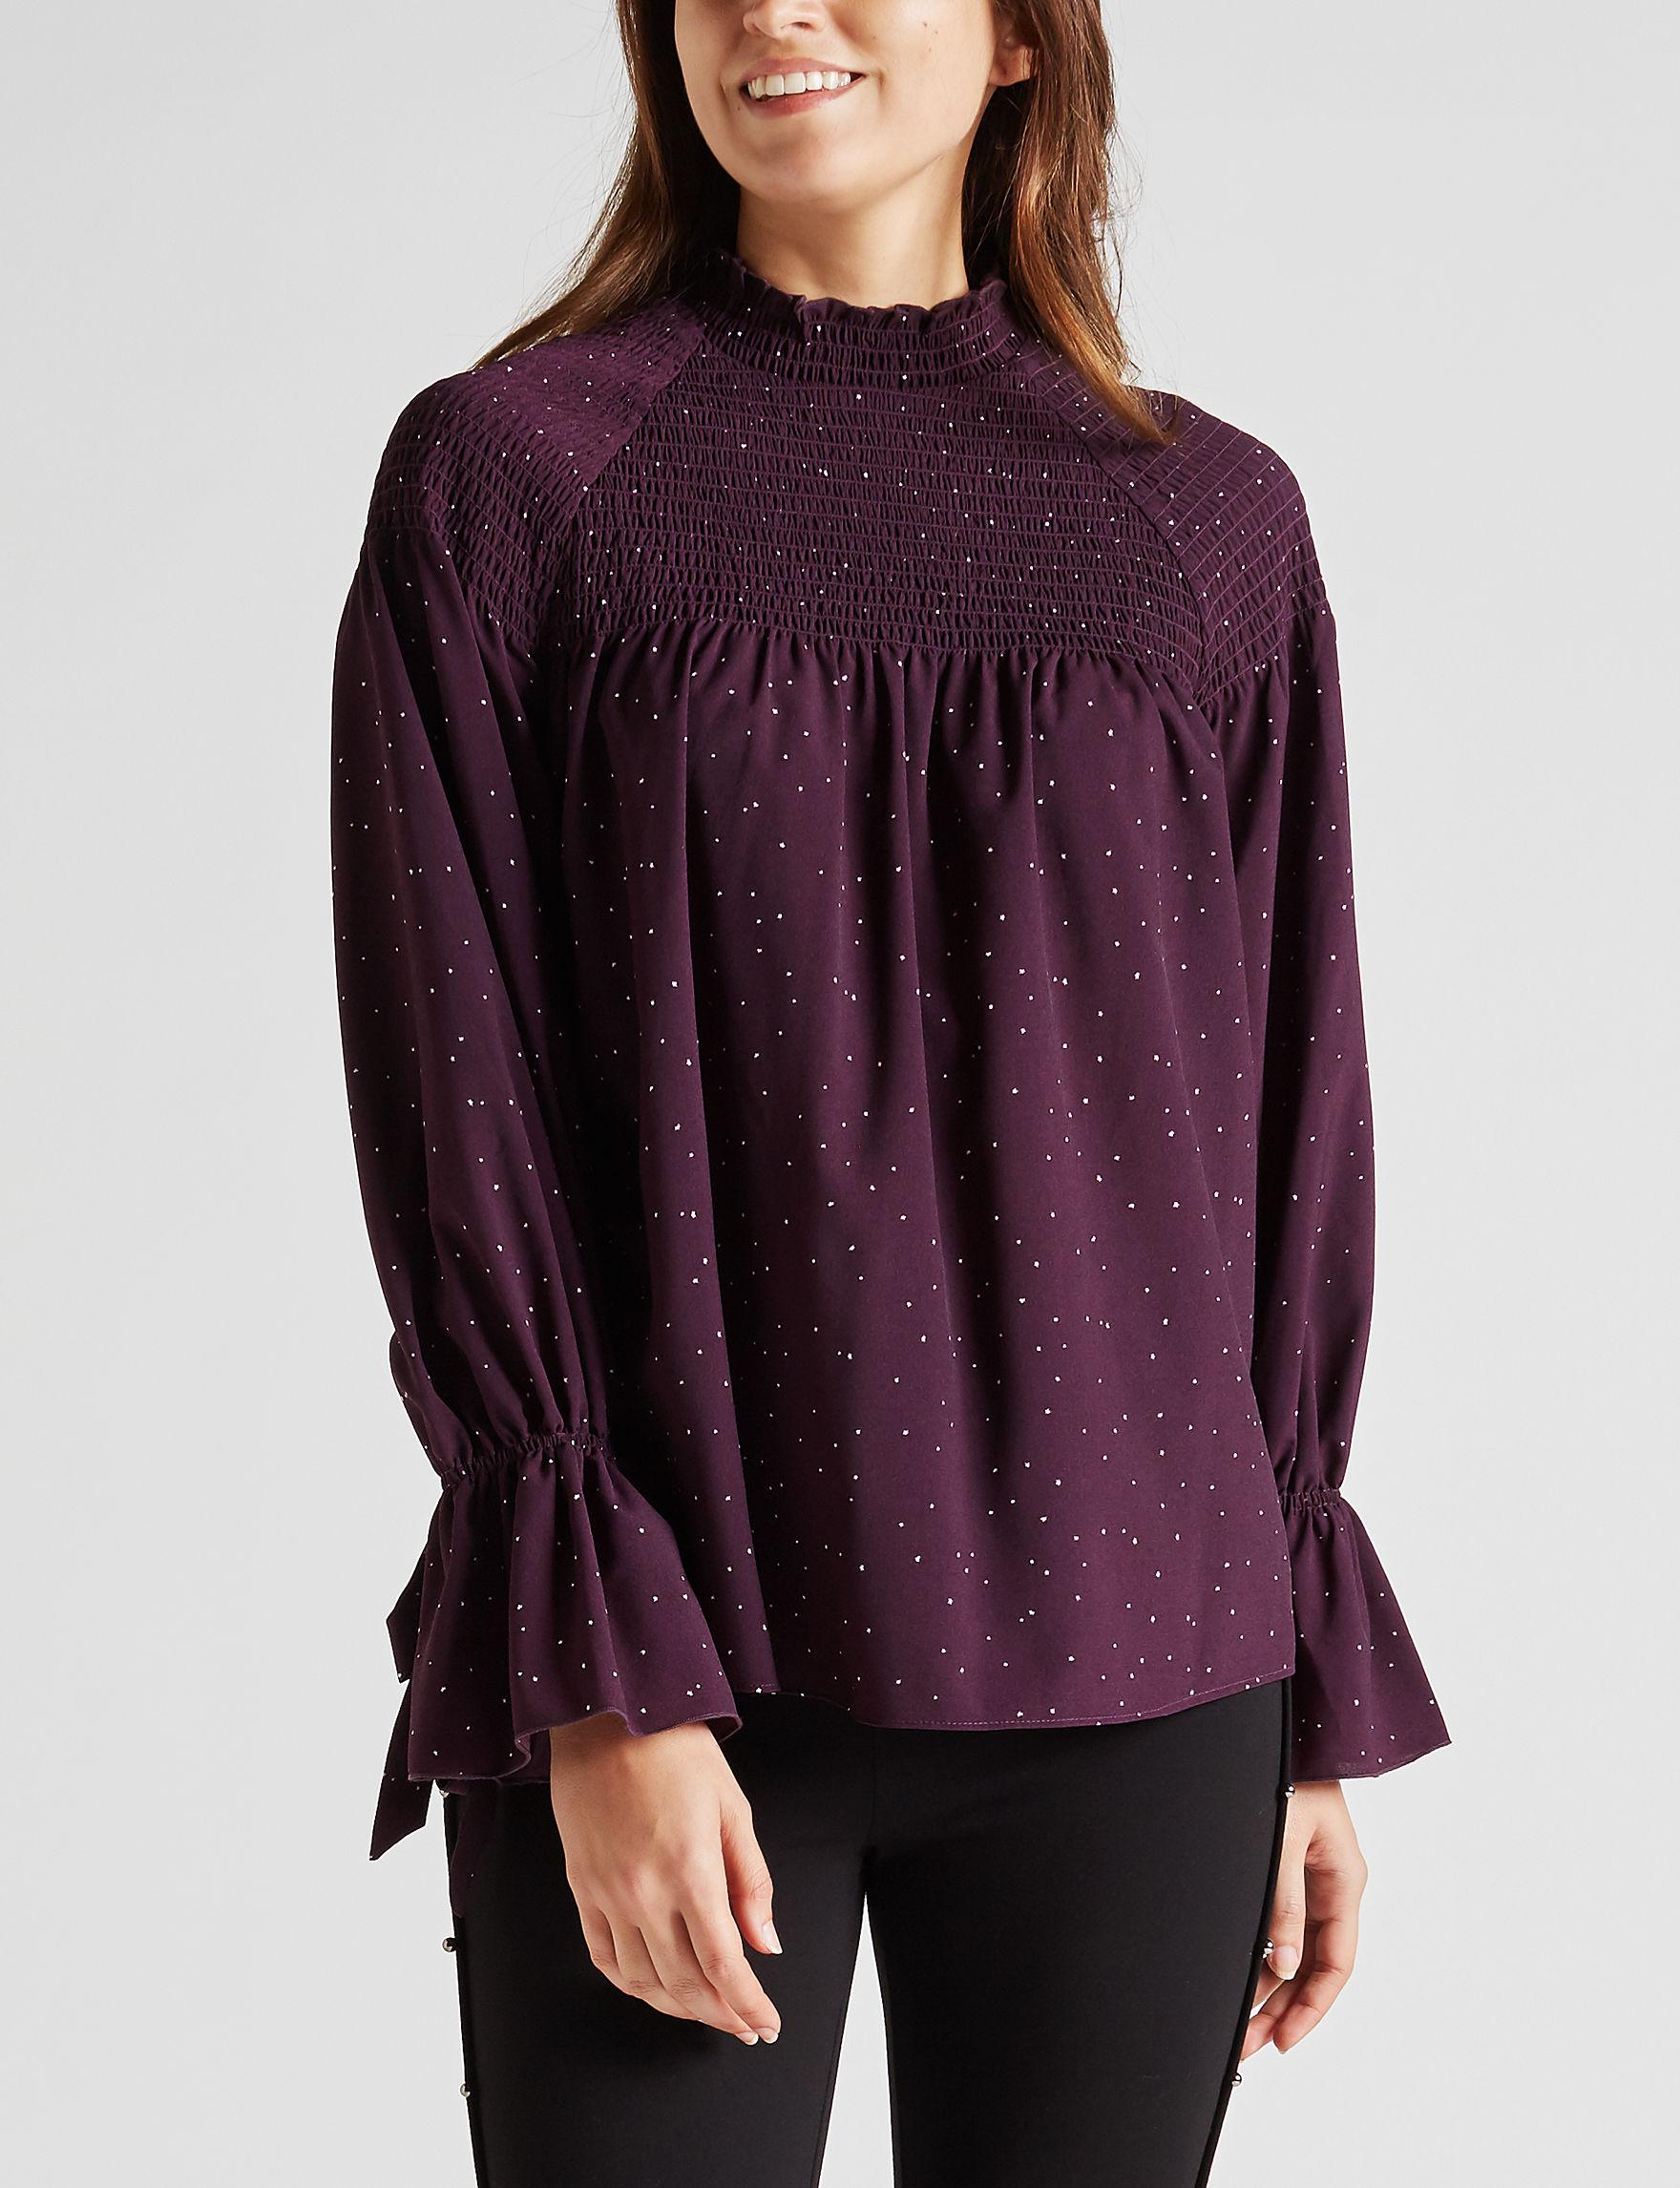 Kensie Purple Shirts & Blouses